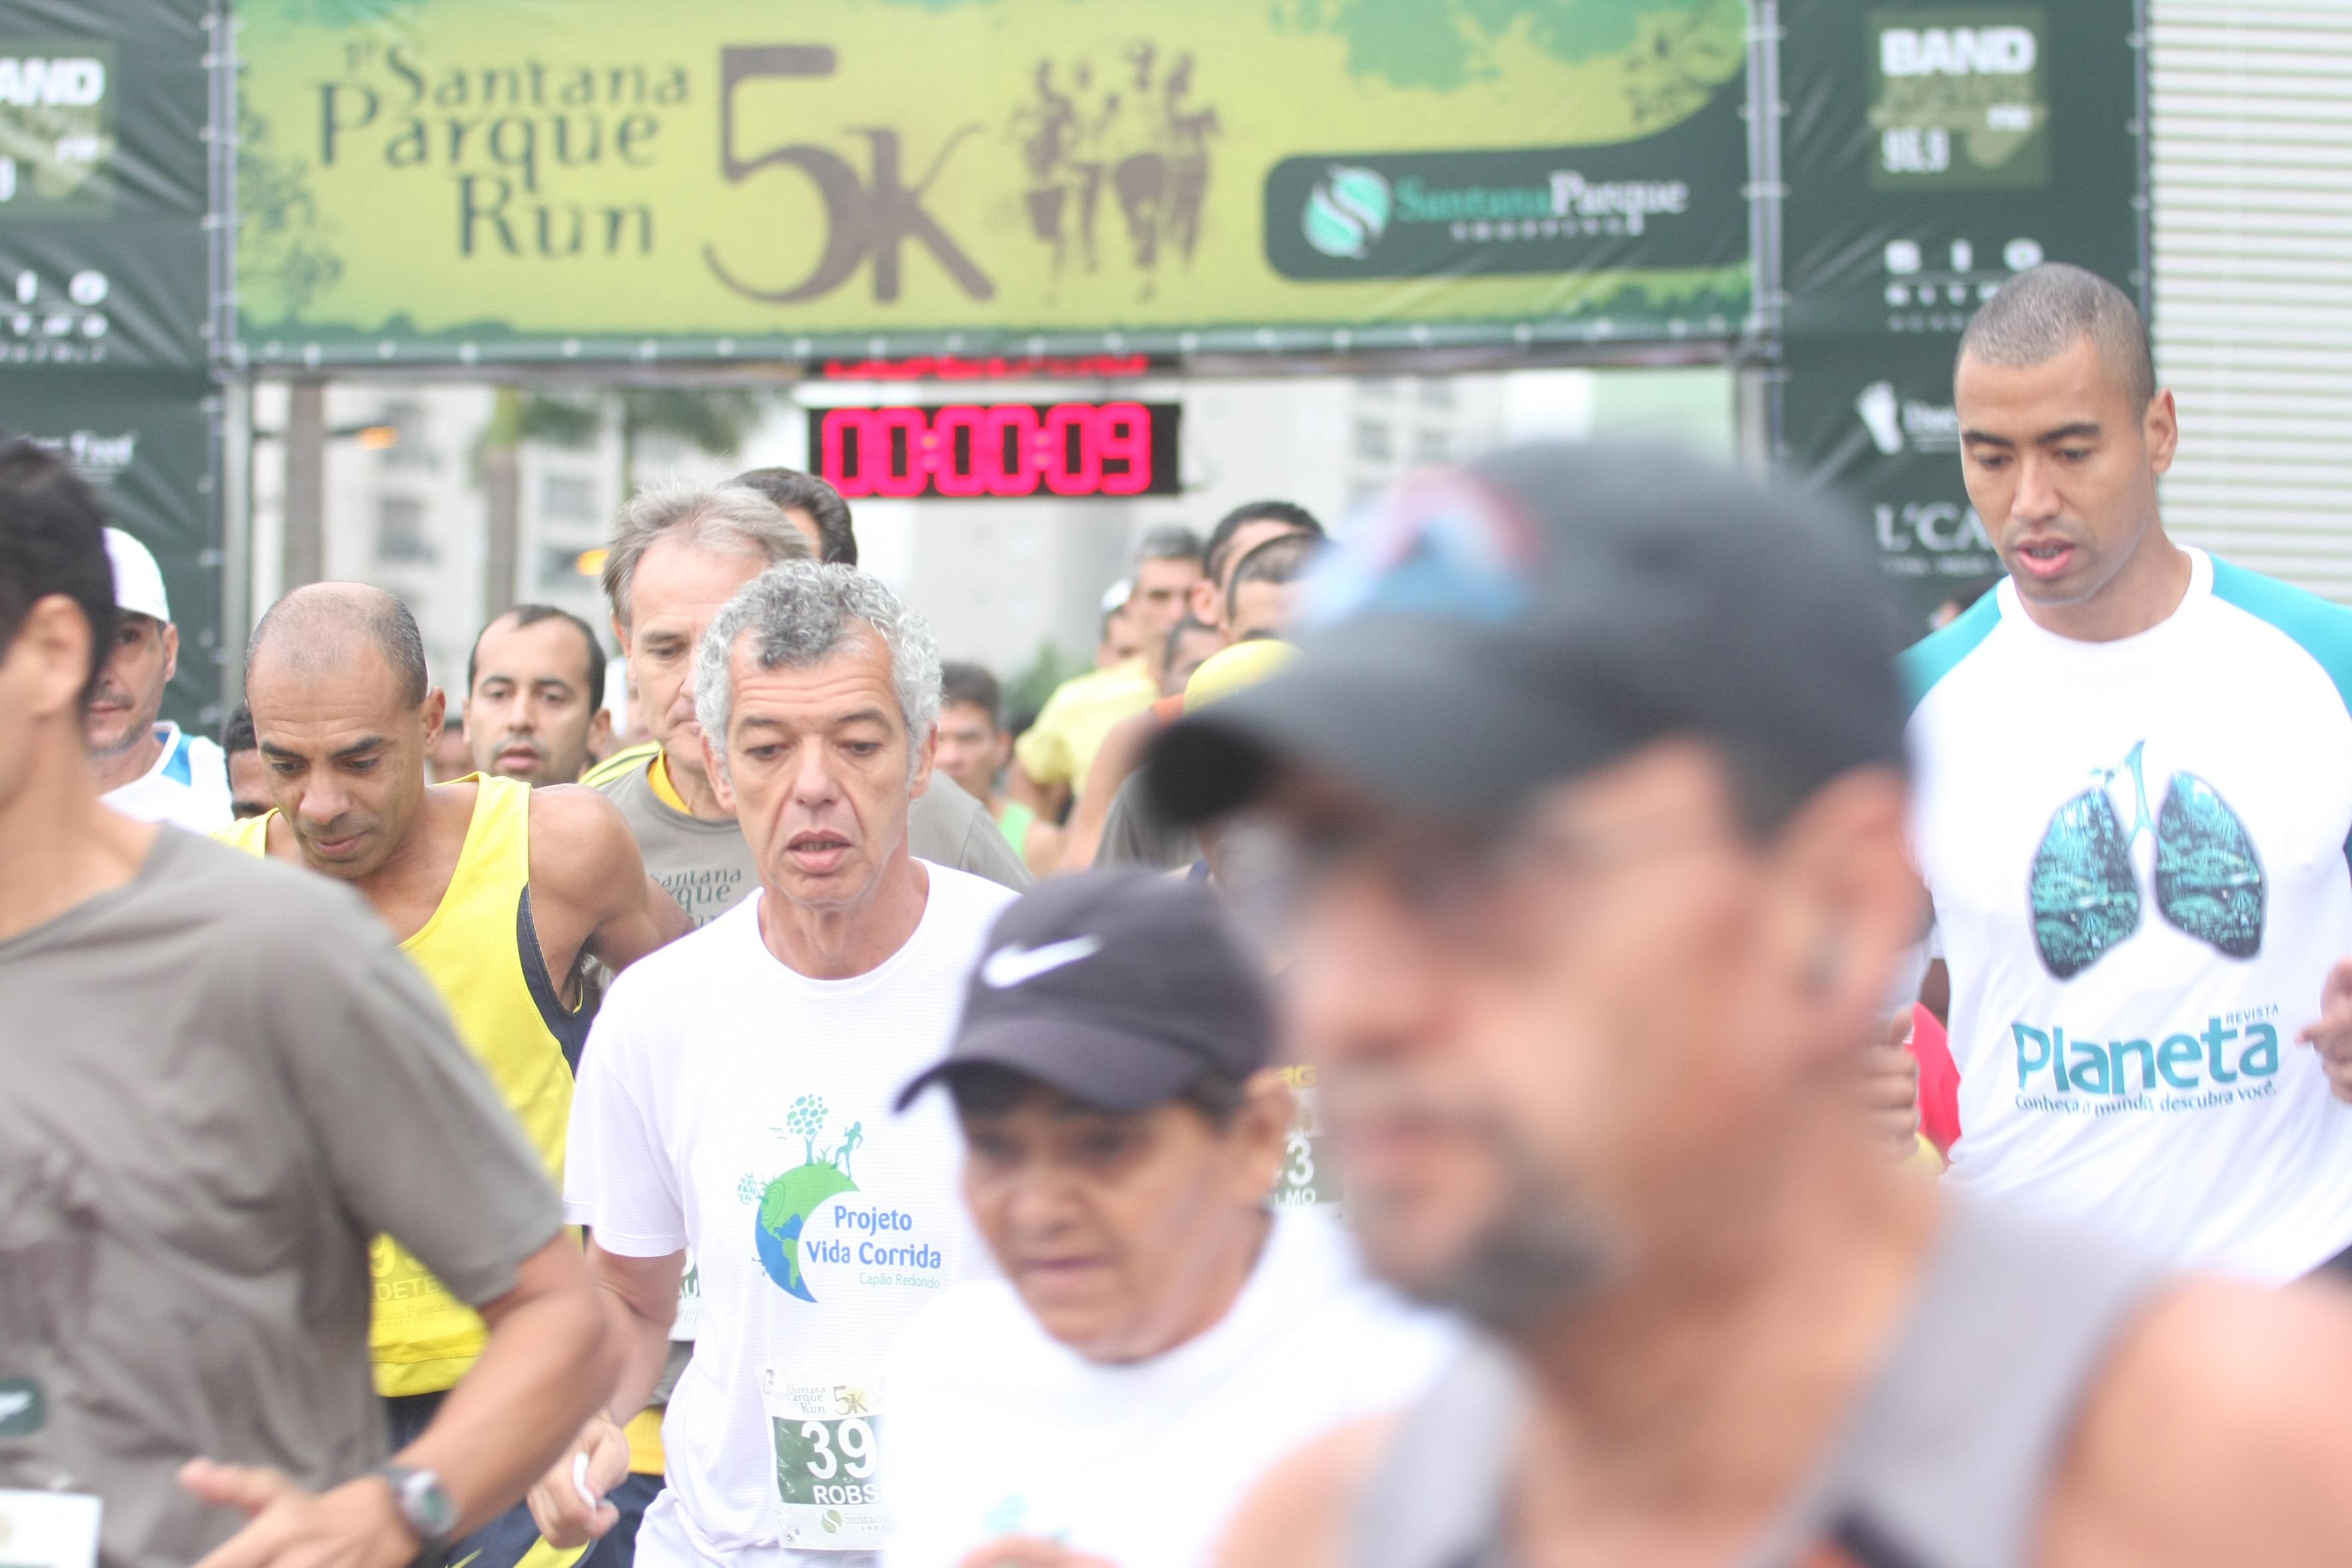 Santana 227 Parque Run